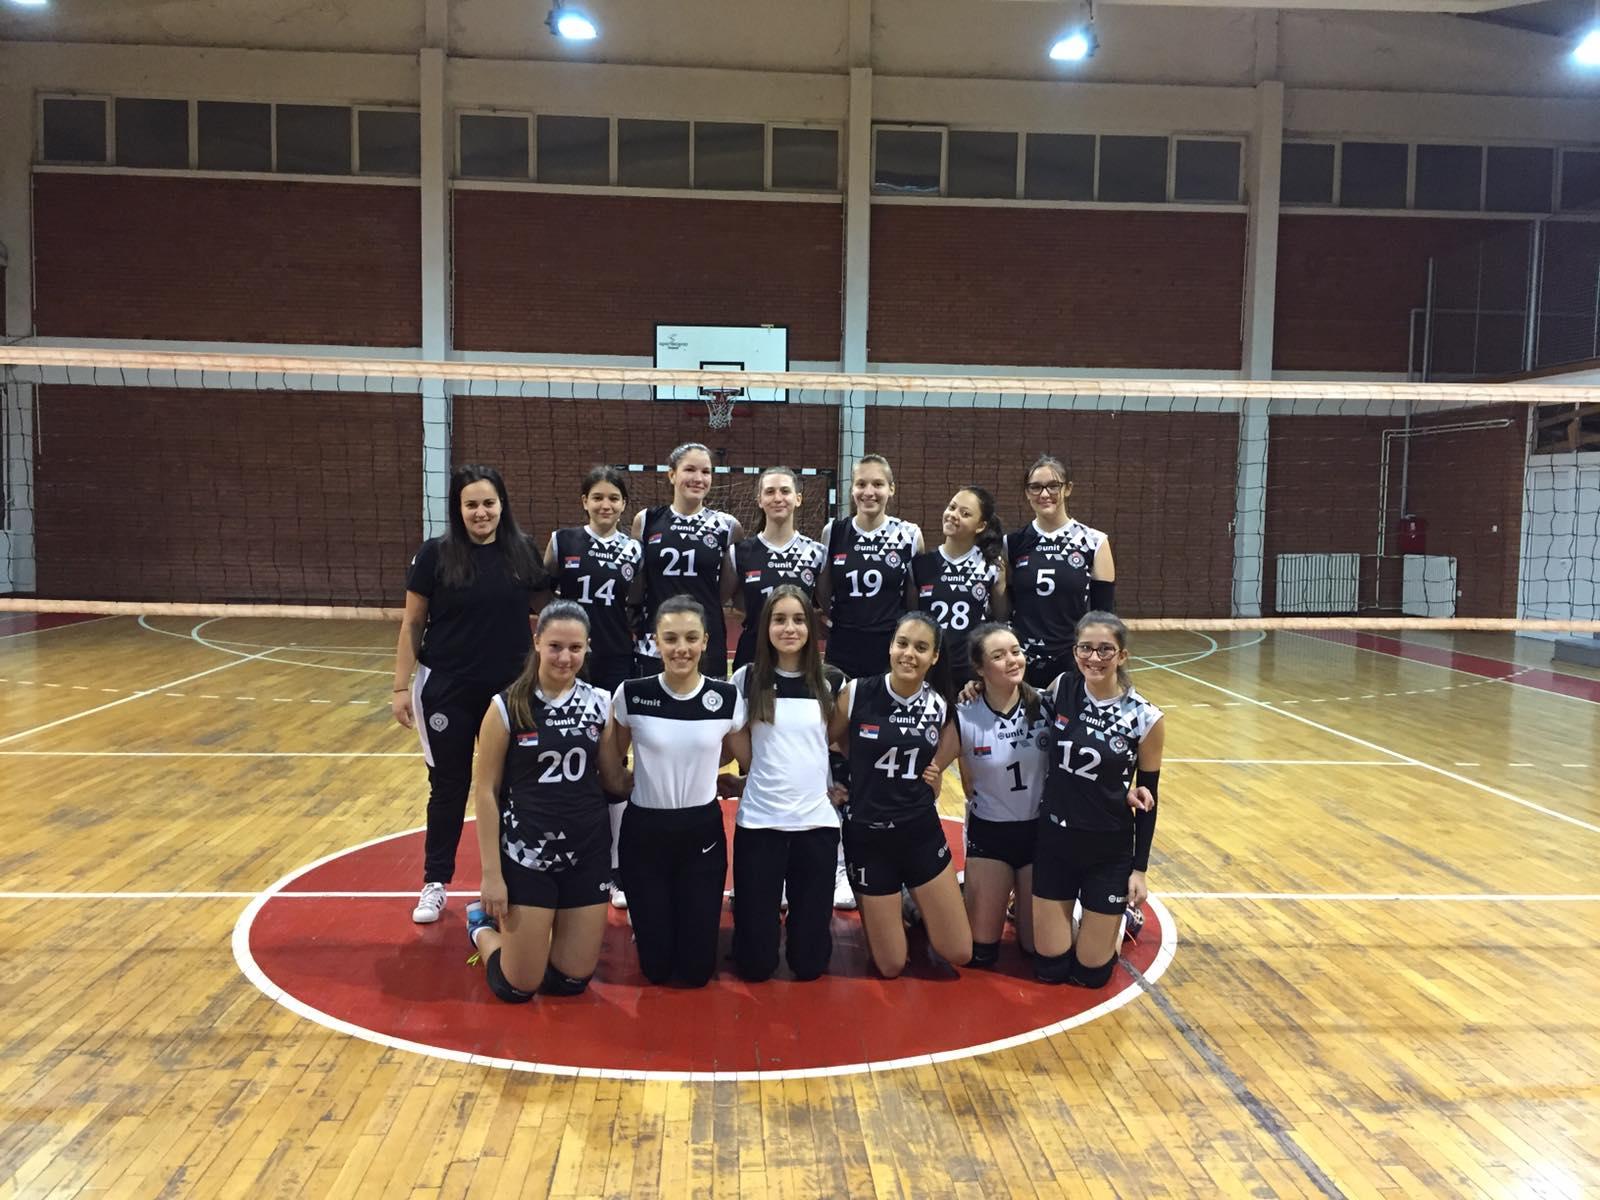 Partizan-sterija-a3-liga-mladje-pionirke